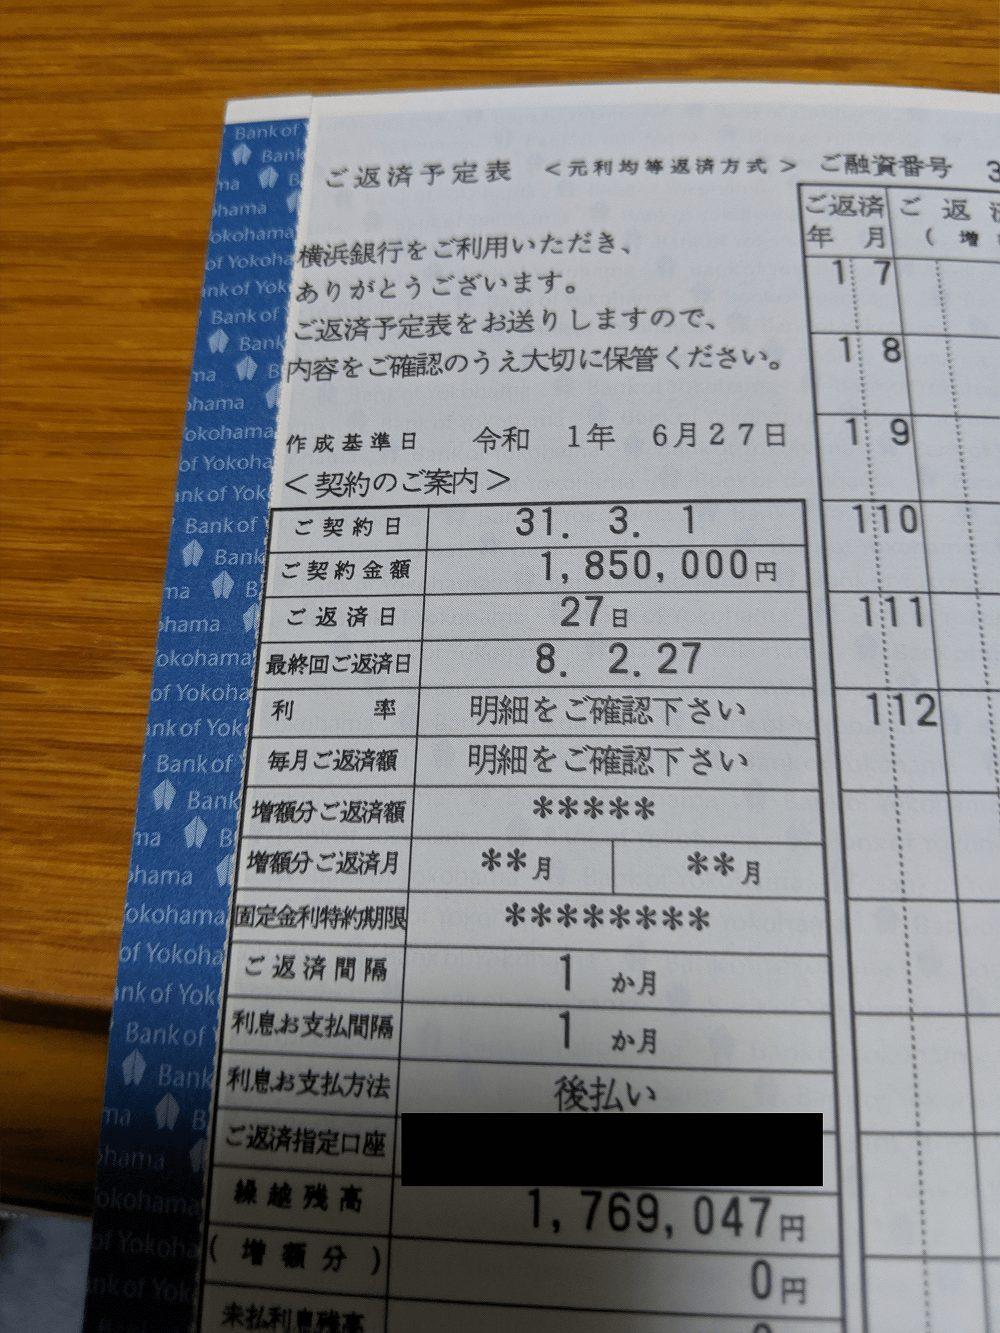 横浜銀行ユーザーBさんの「契約を証明できる画像」